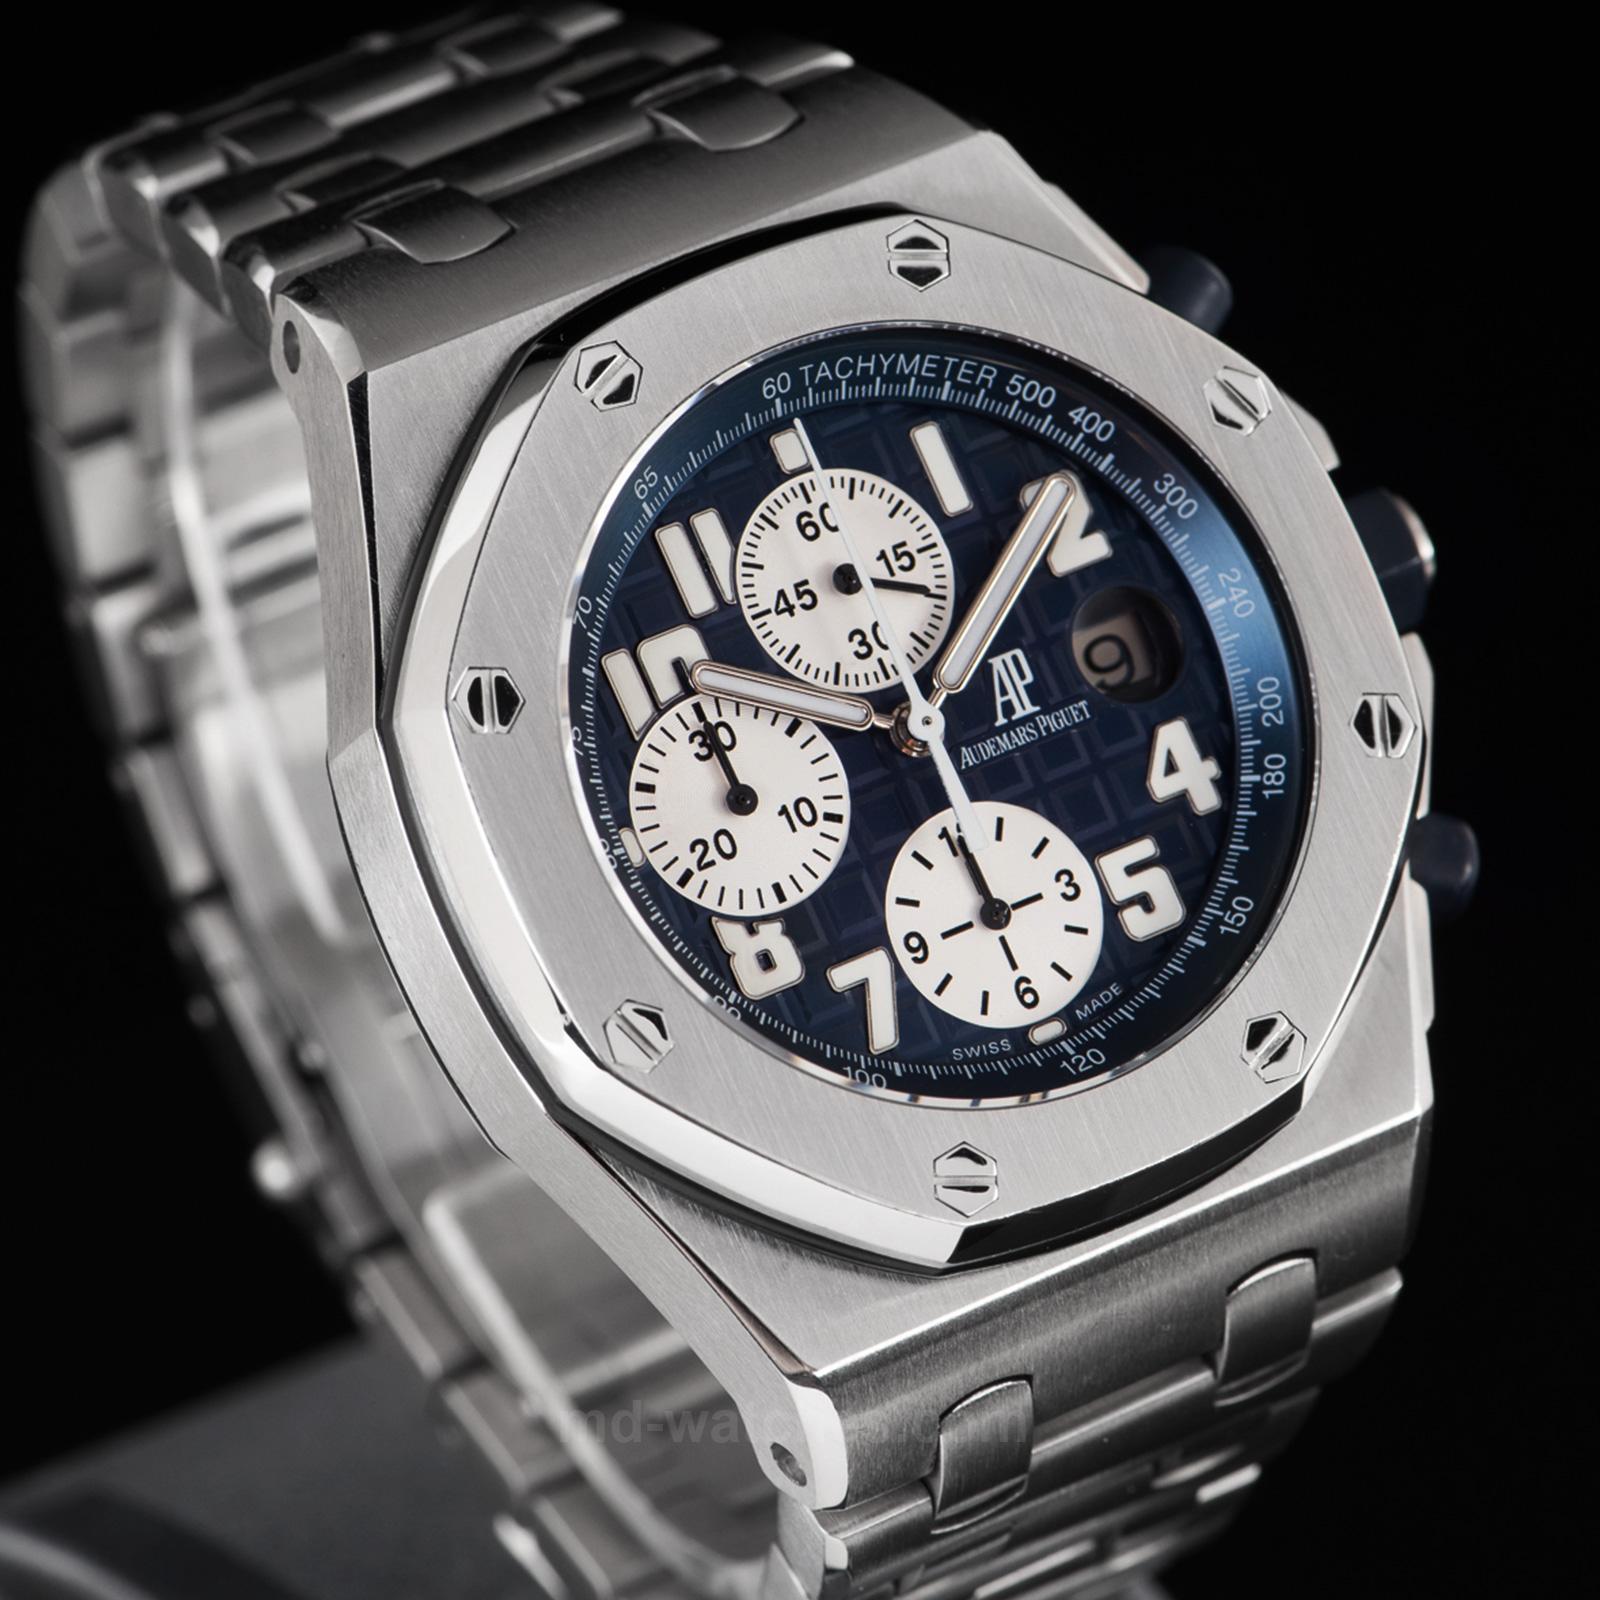 Audemars piguet royal oak offshore chronograph ref 25721st 42mm md watches for Ap royal oak offshore chronograph